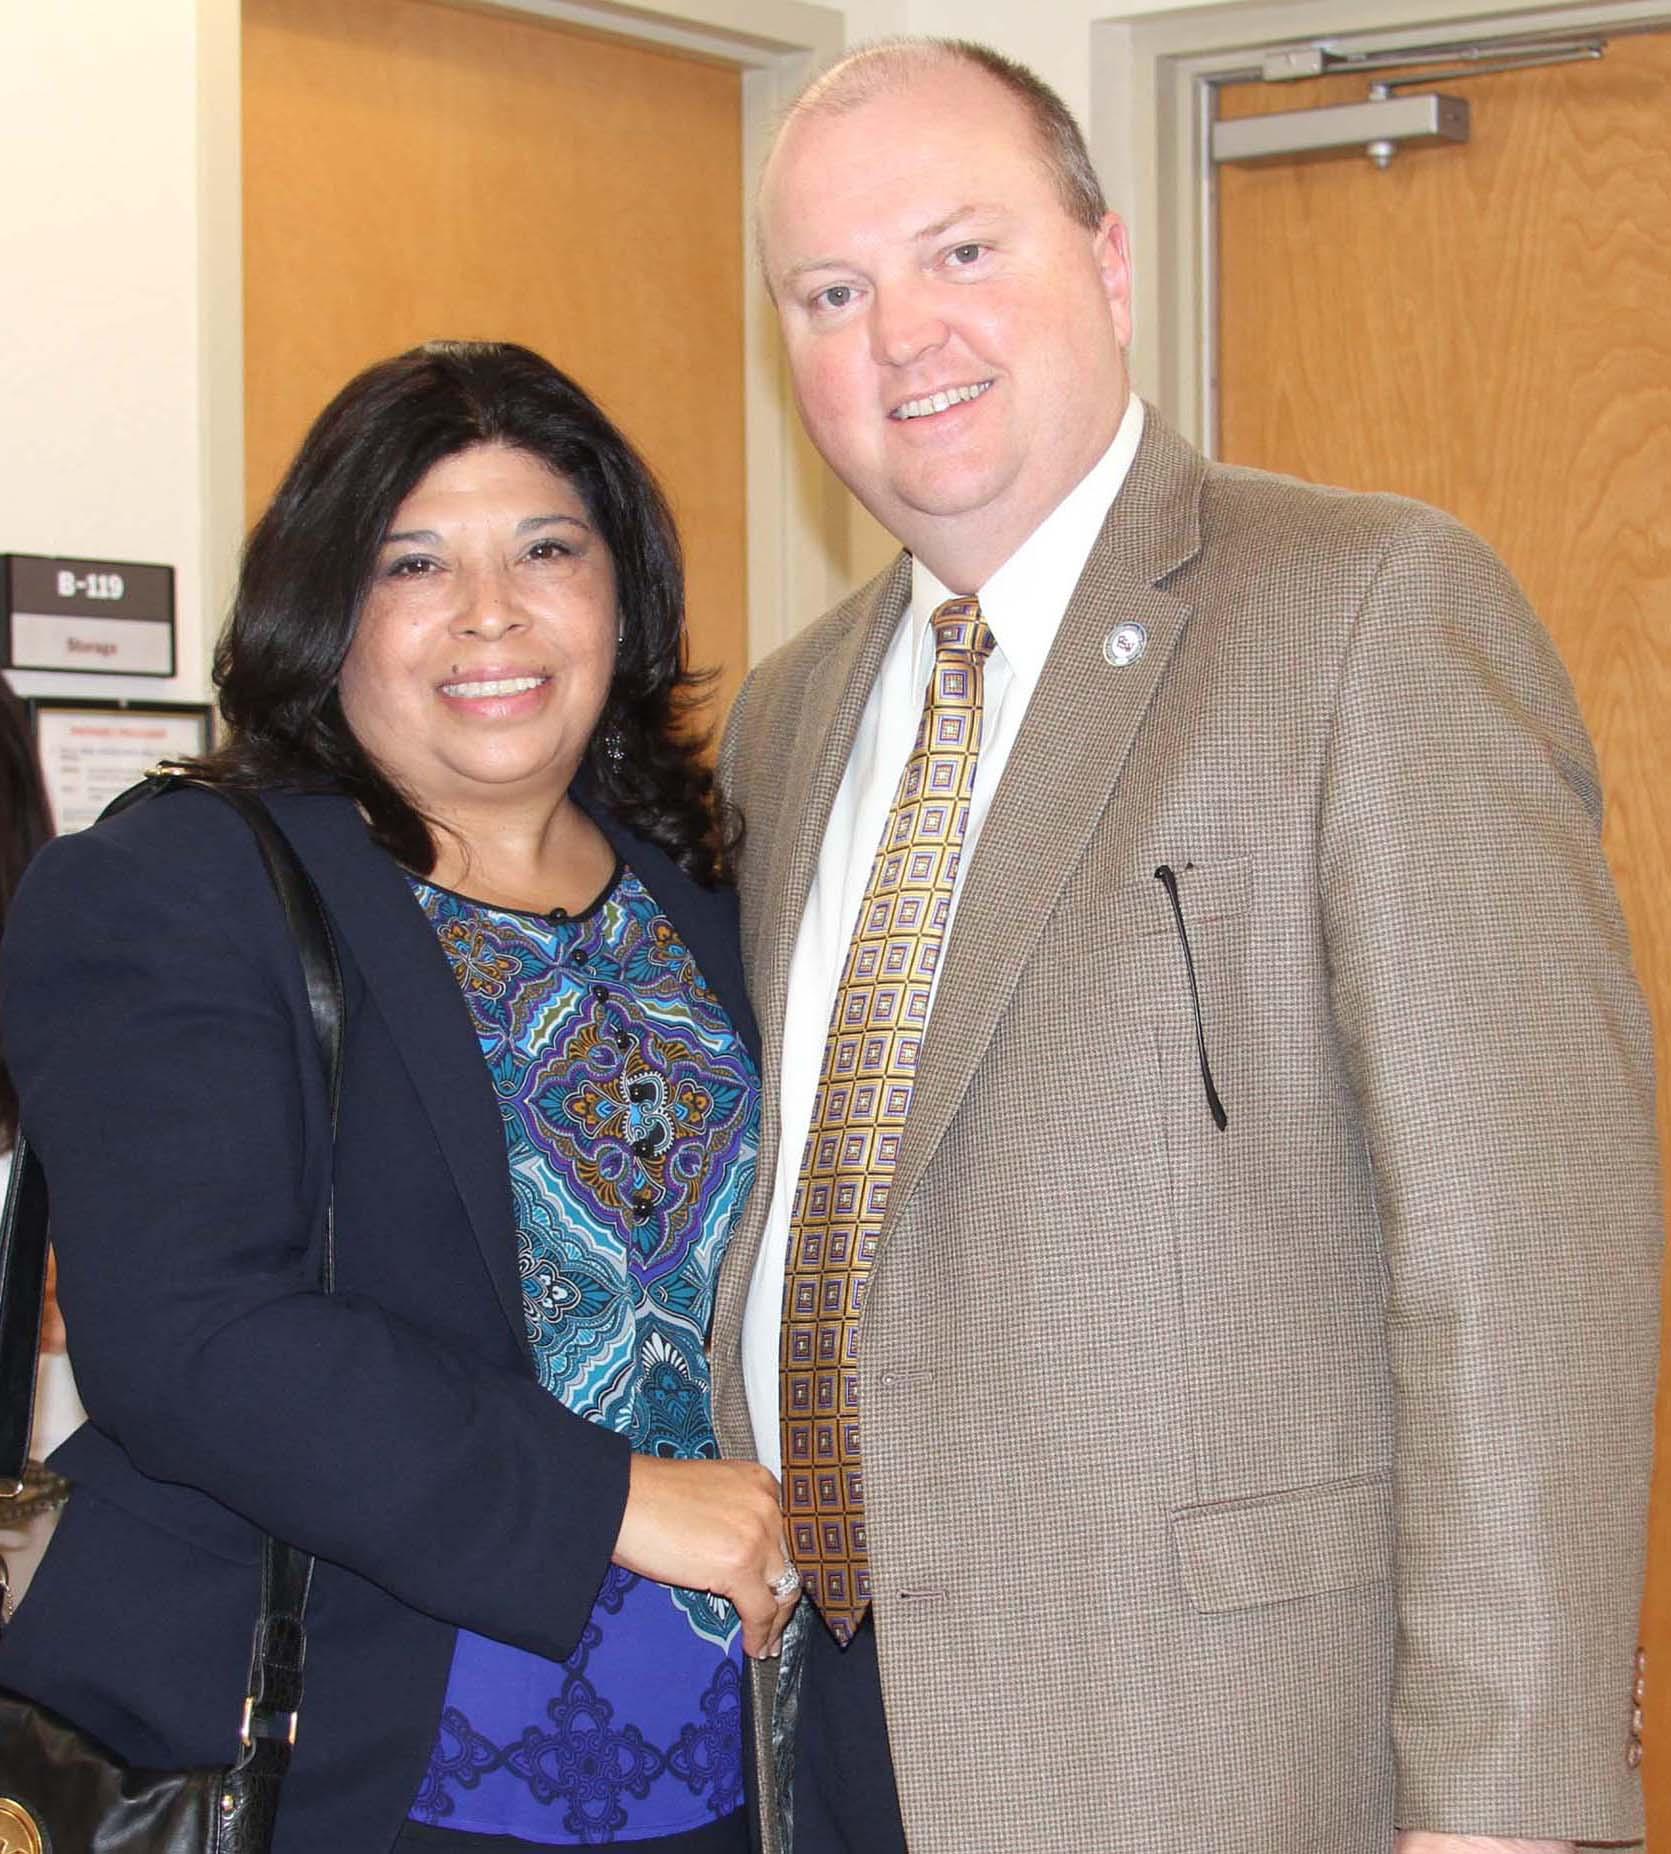 Liz and Dr. Jeff Allbritten